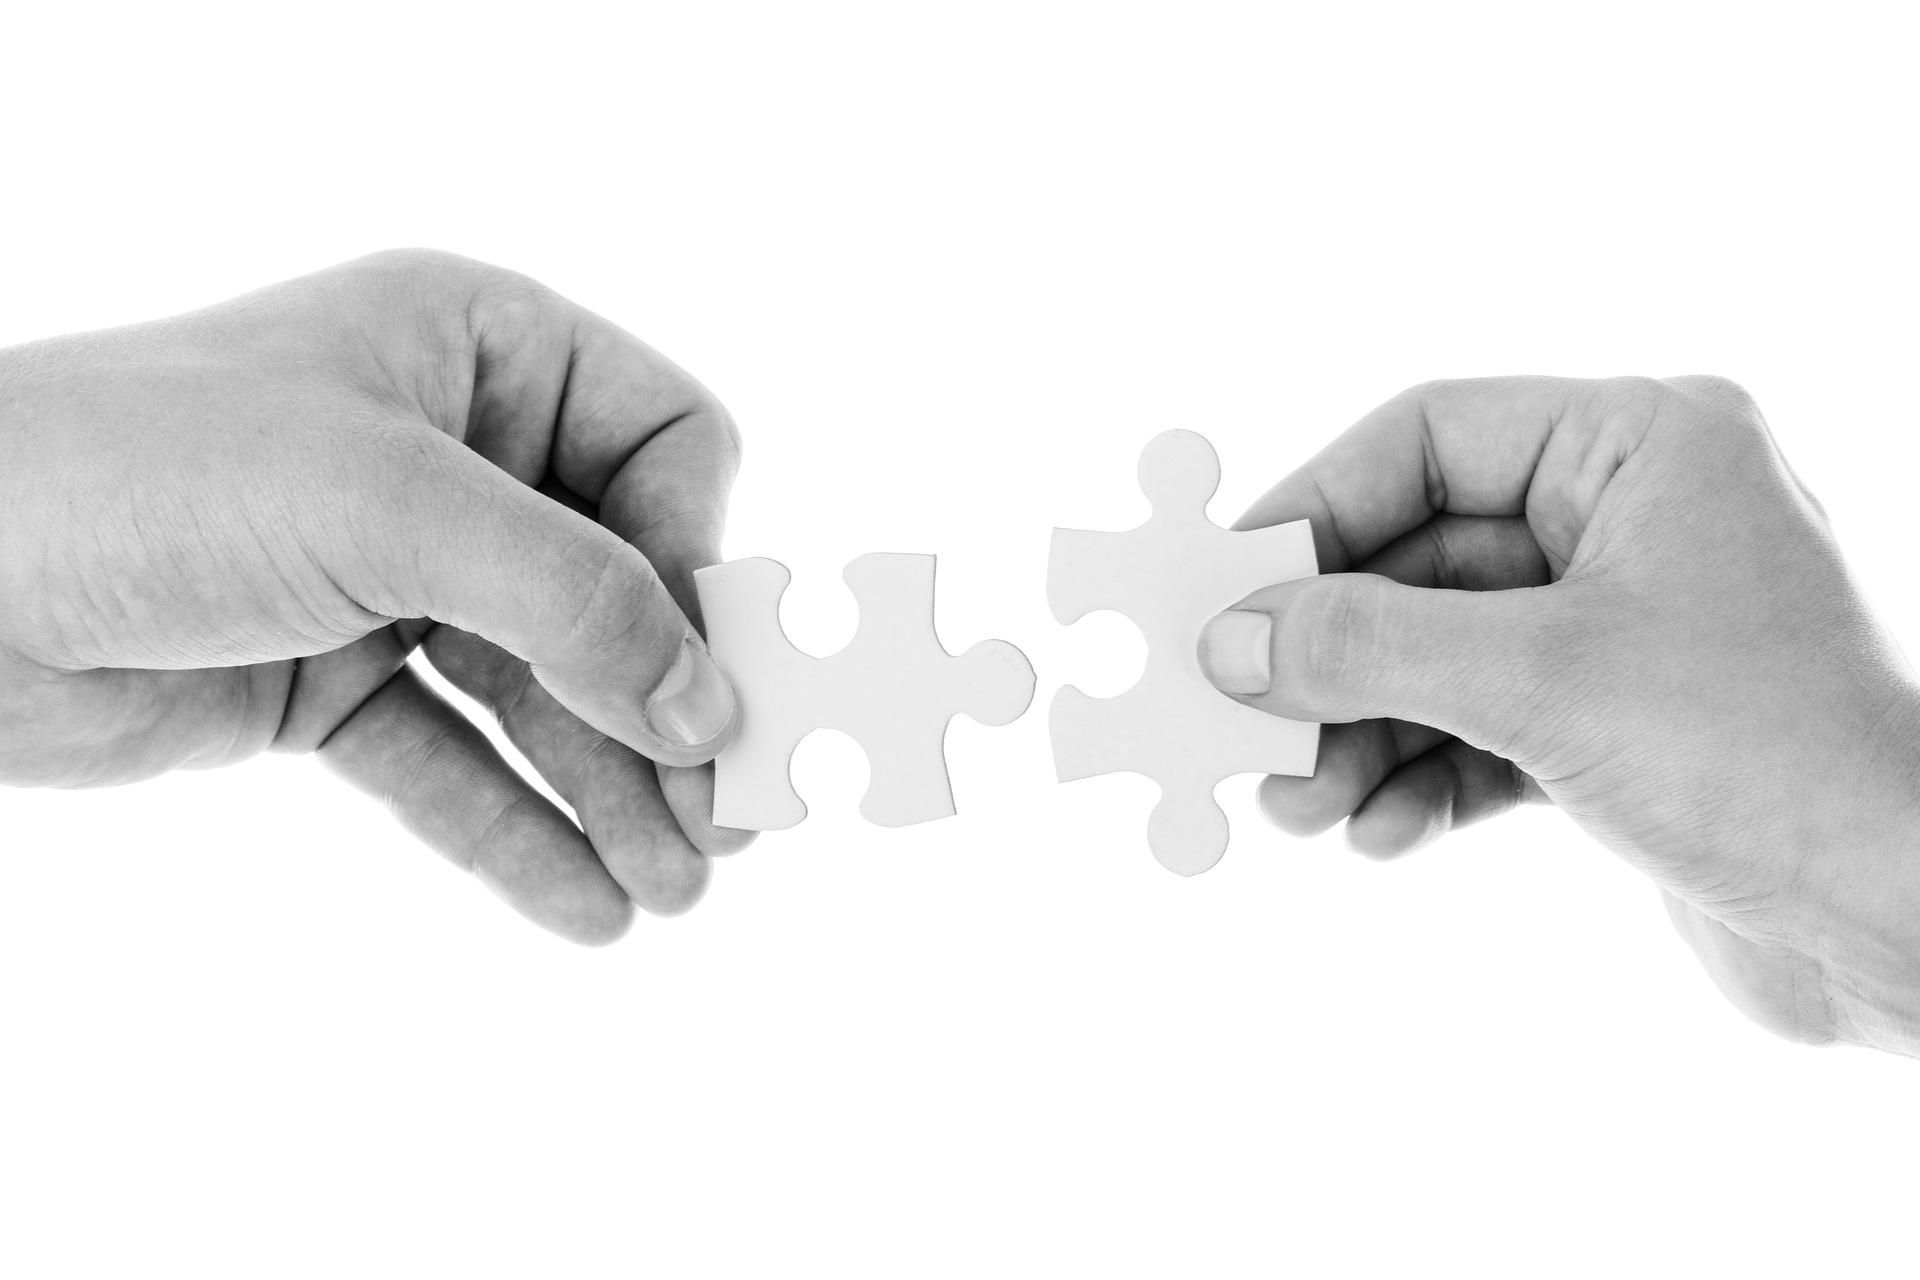 パズルをする人-心理カウンセリング視点のイメージ